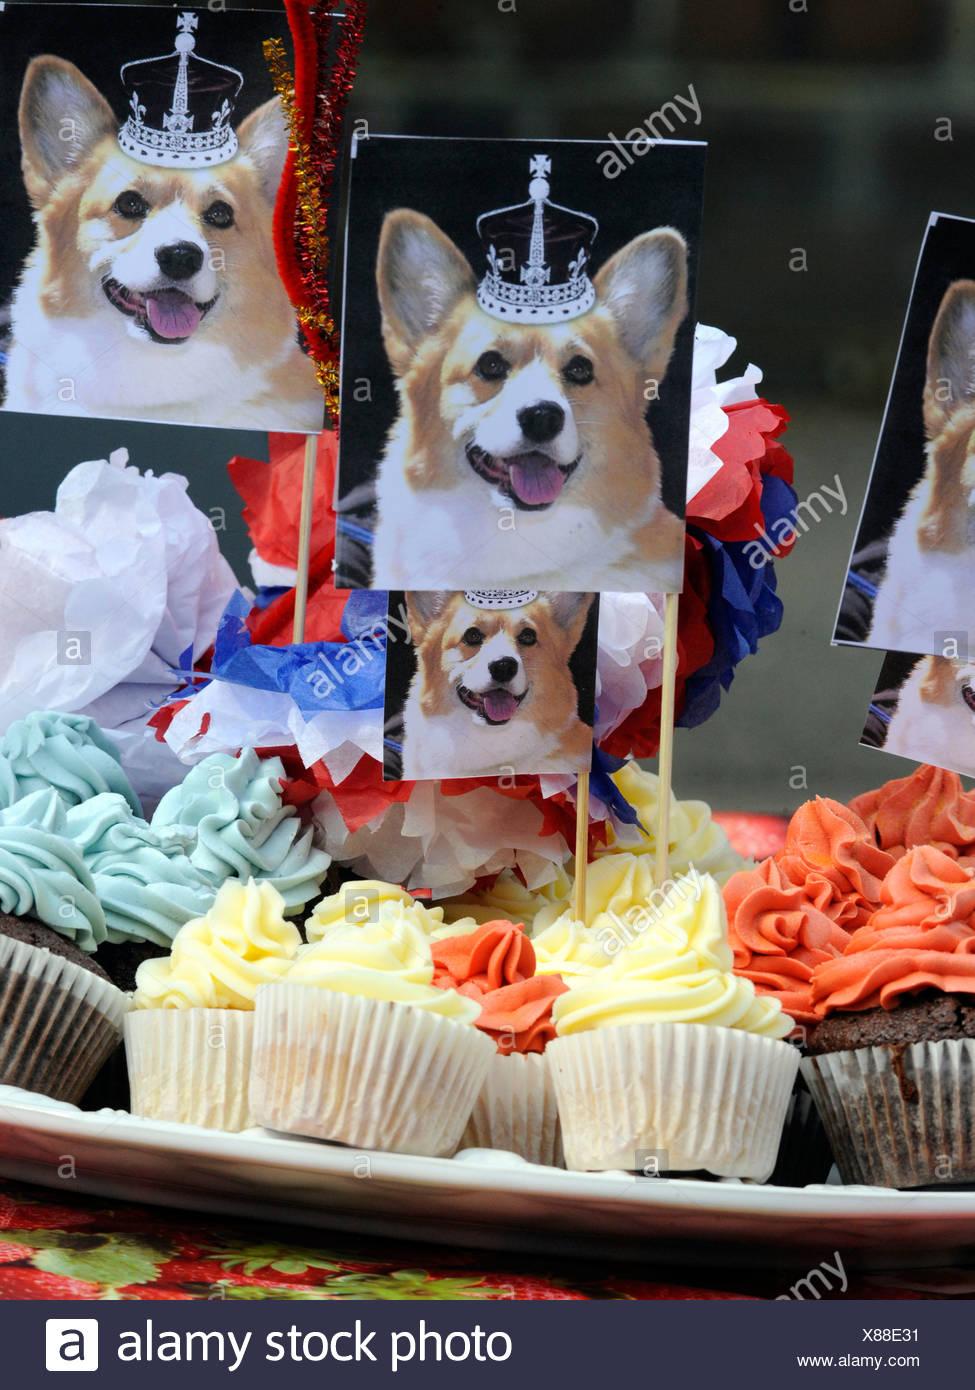 Royal Wedding celebration cakes. - Stock Image